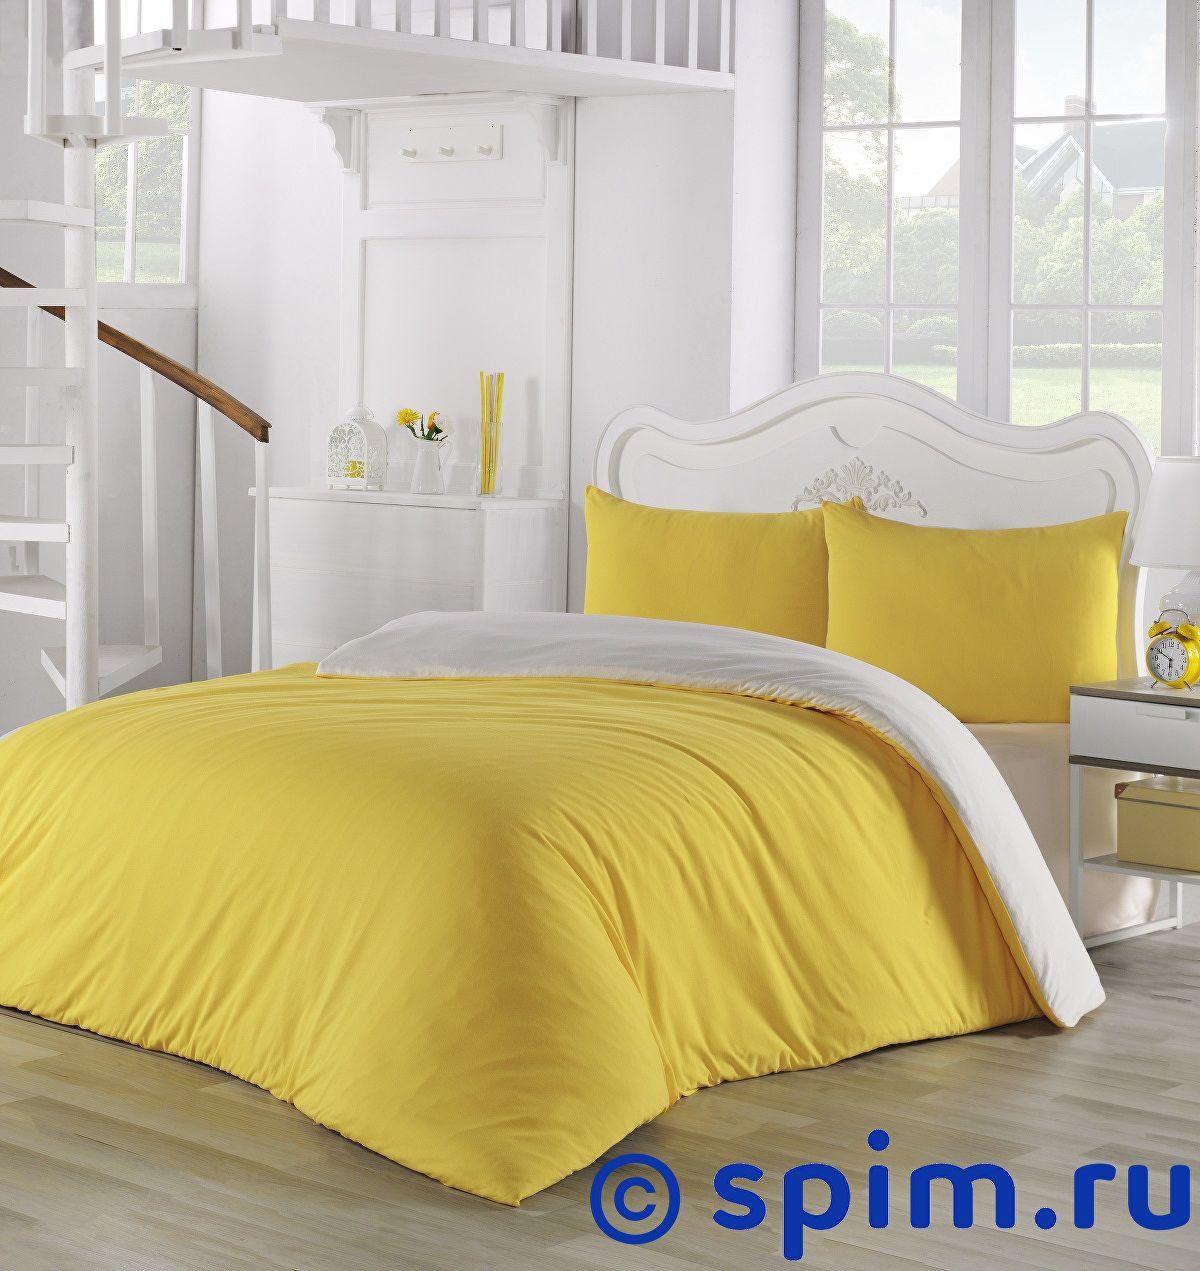 Купить Постельное белье Karna Sofa желтый-кремовый Евро-стандарт